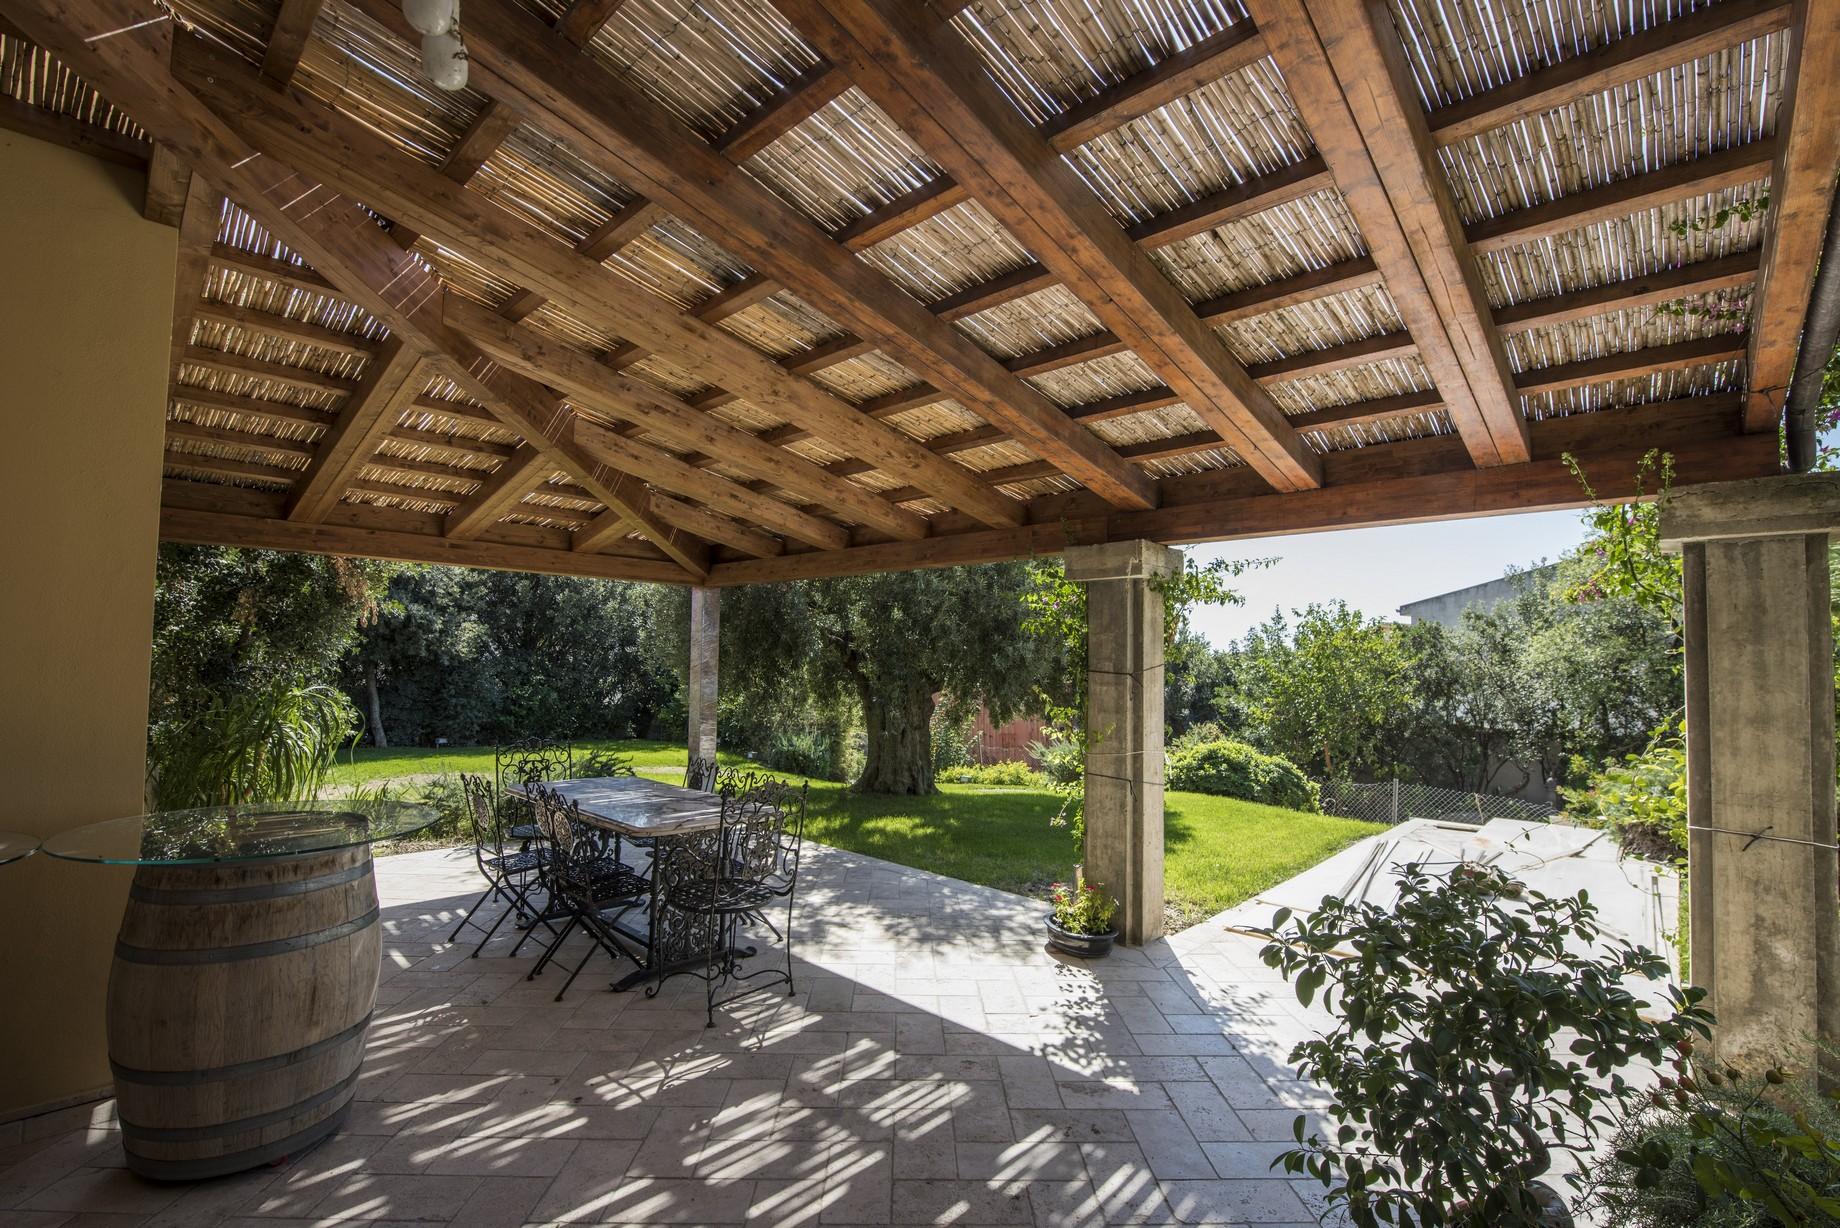 Struttura con copertura in legno